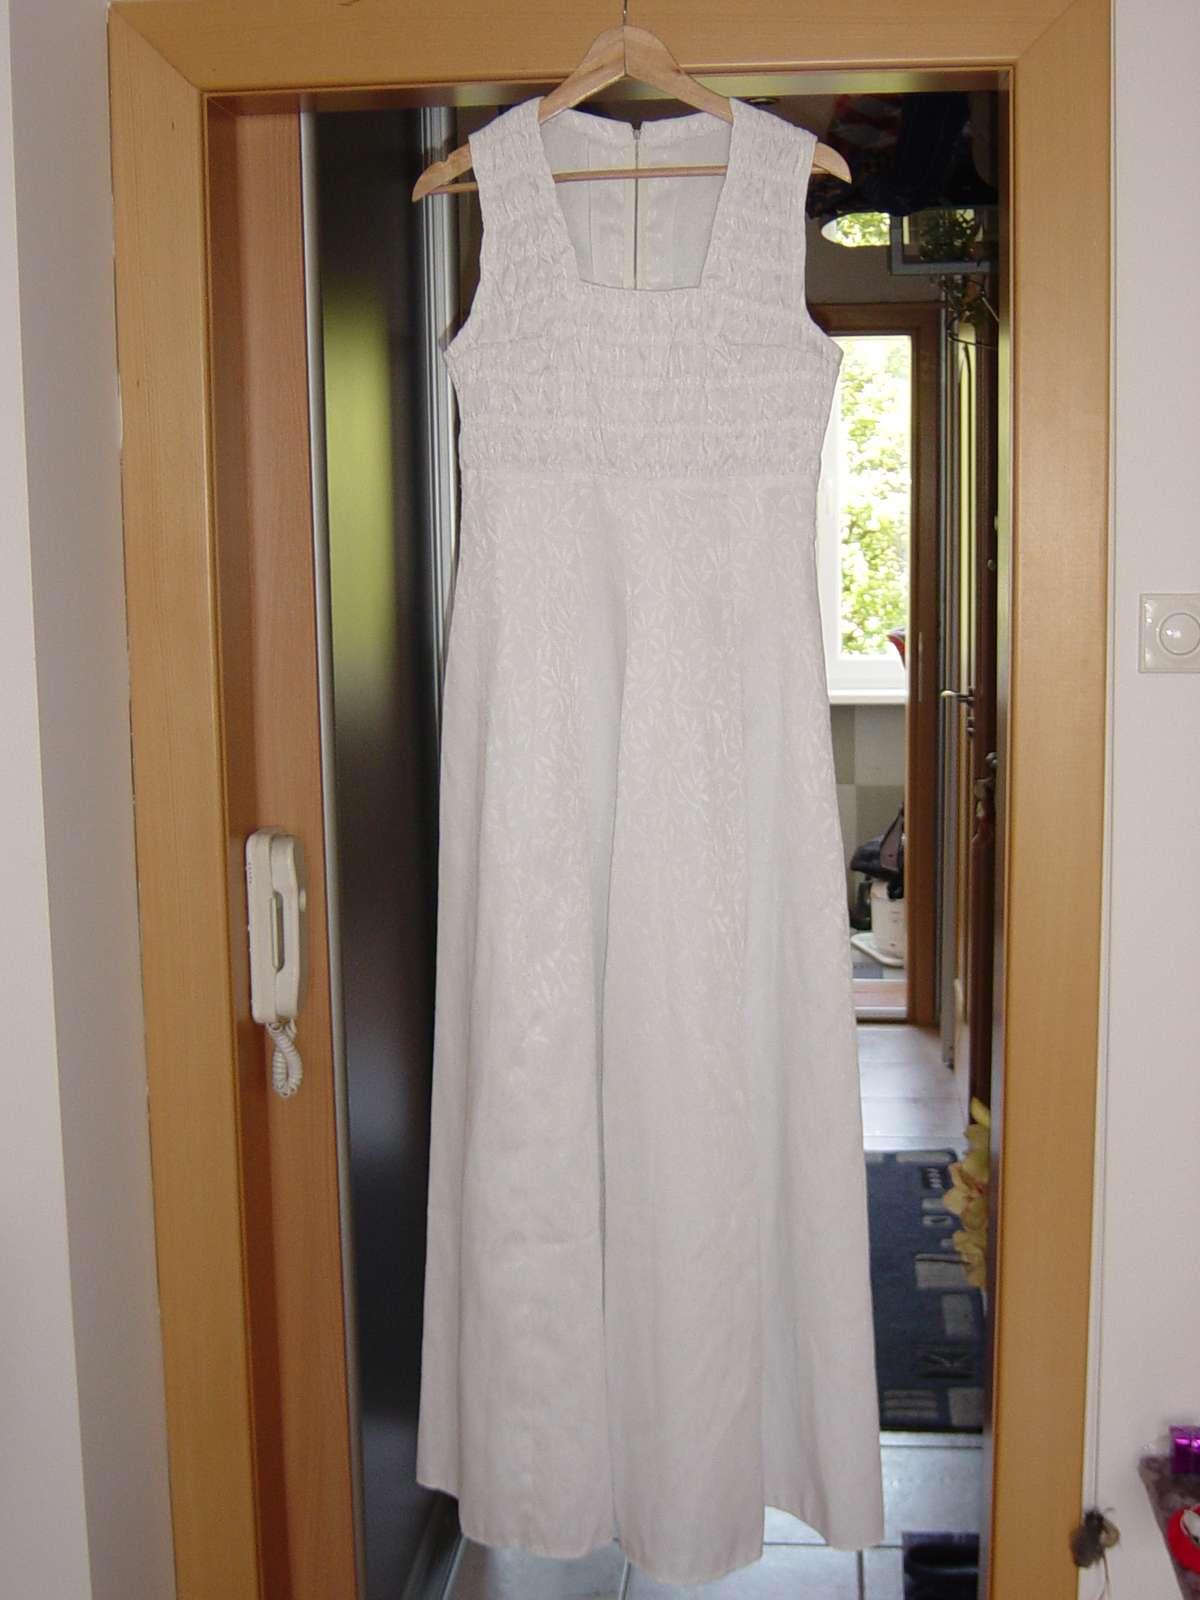 Biele svadobné/spoločenské šaty - Obrázok č. 1